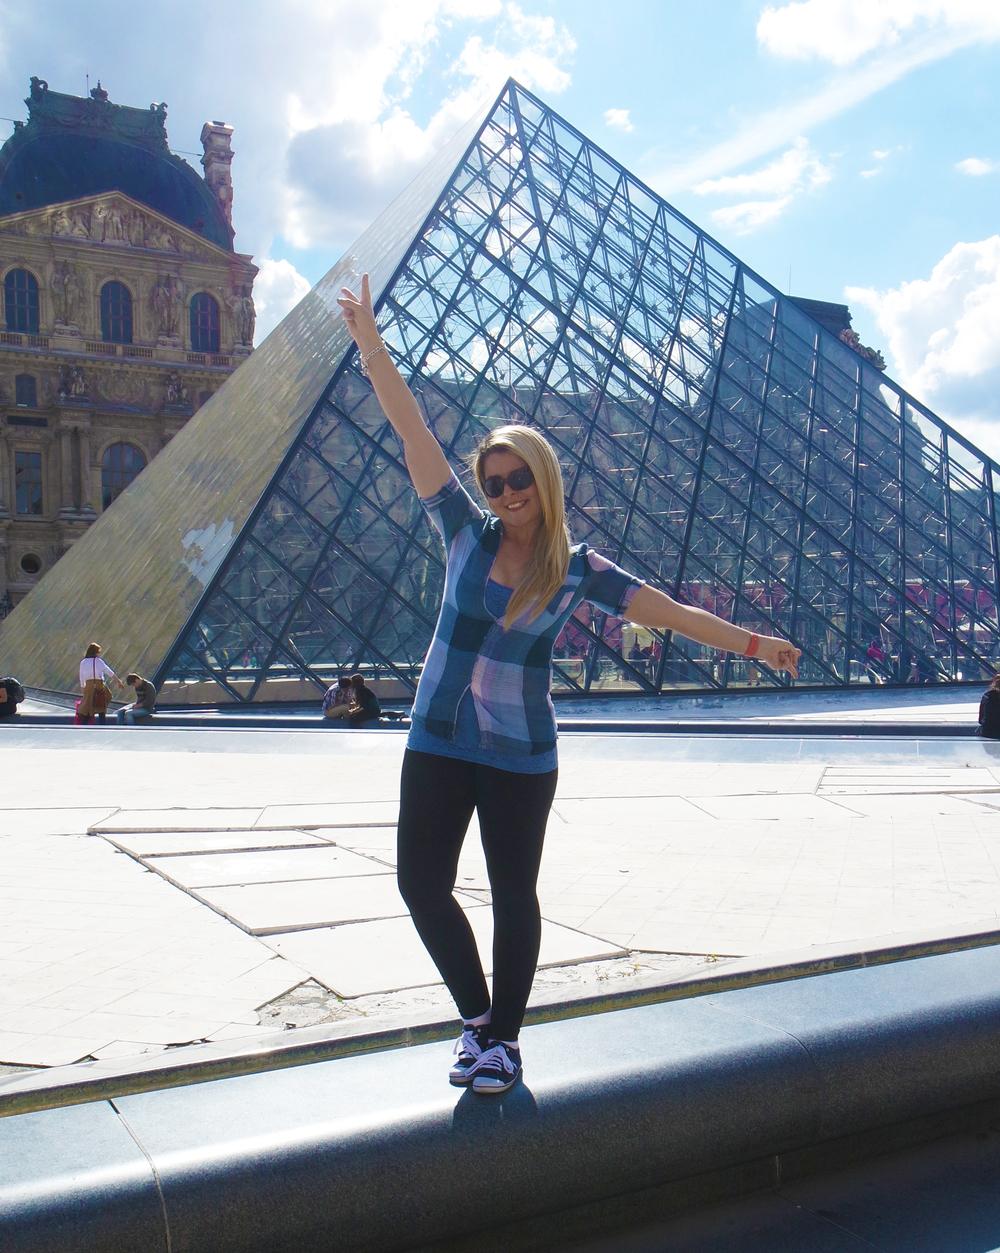 About the explore the Musée du Louvre